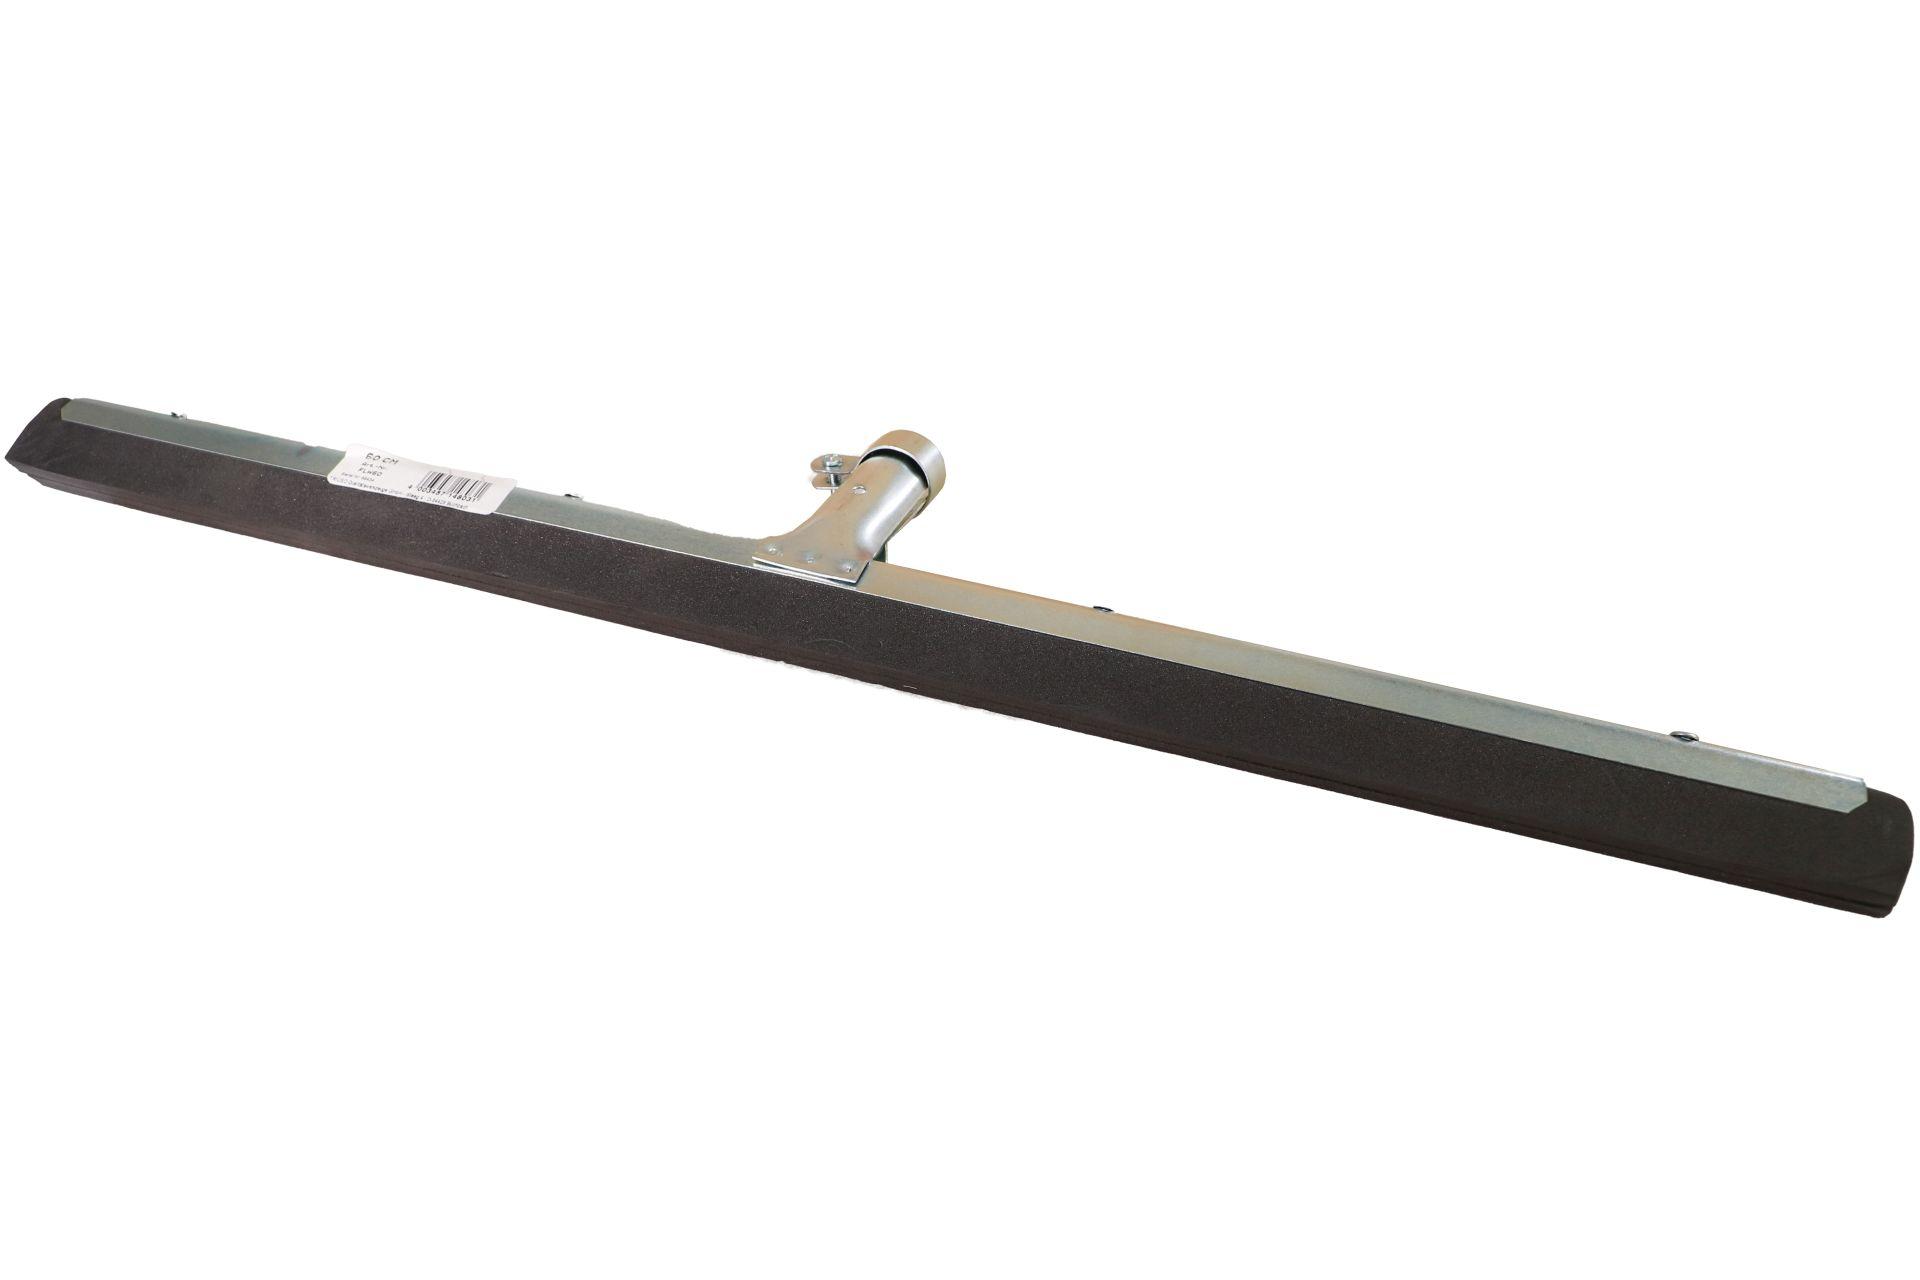 TRIUSO Fliesen-Gummiwischer, Wasserschieber, 600 mm, mit Moosgummi